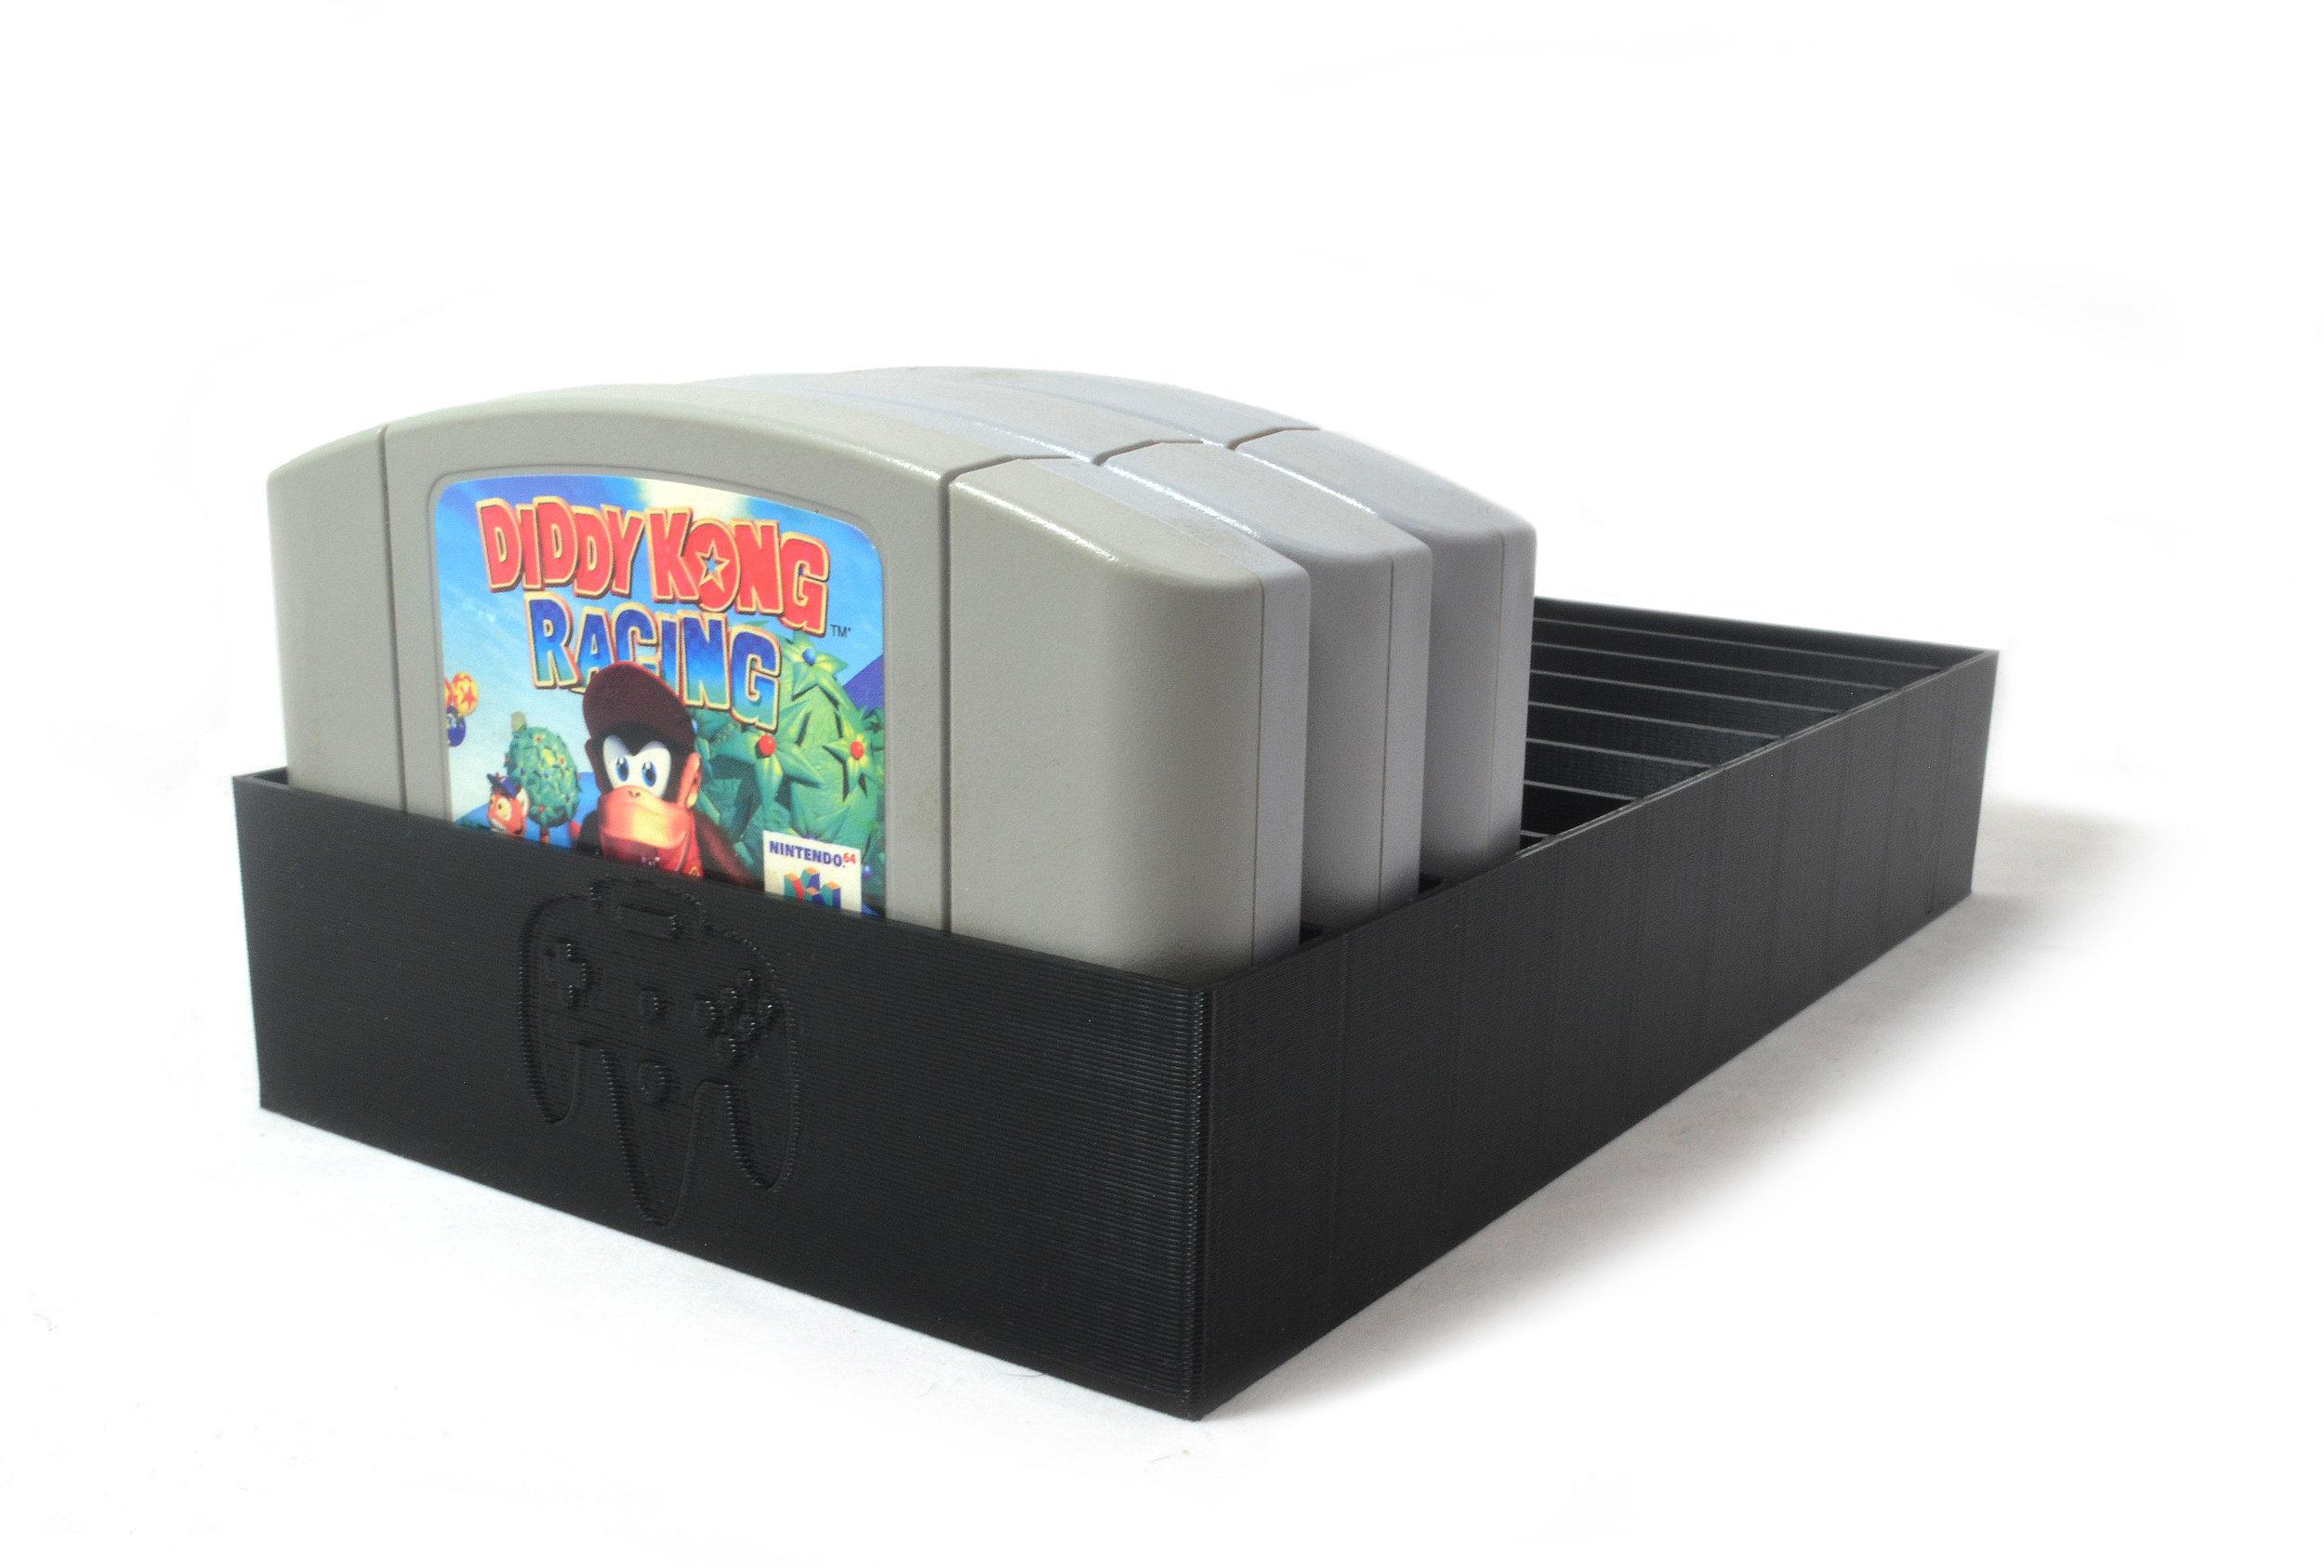 Black N64 Game Tray.jpg